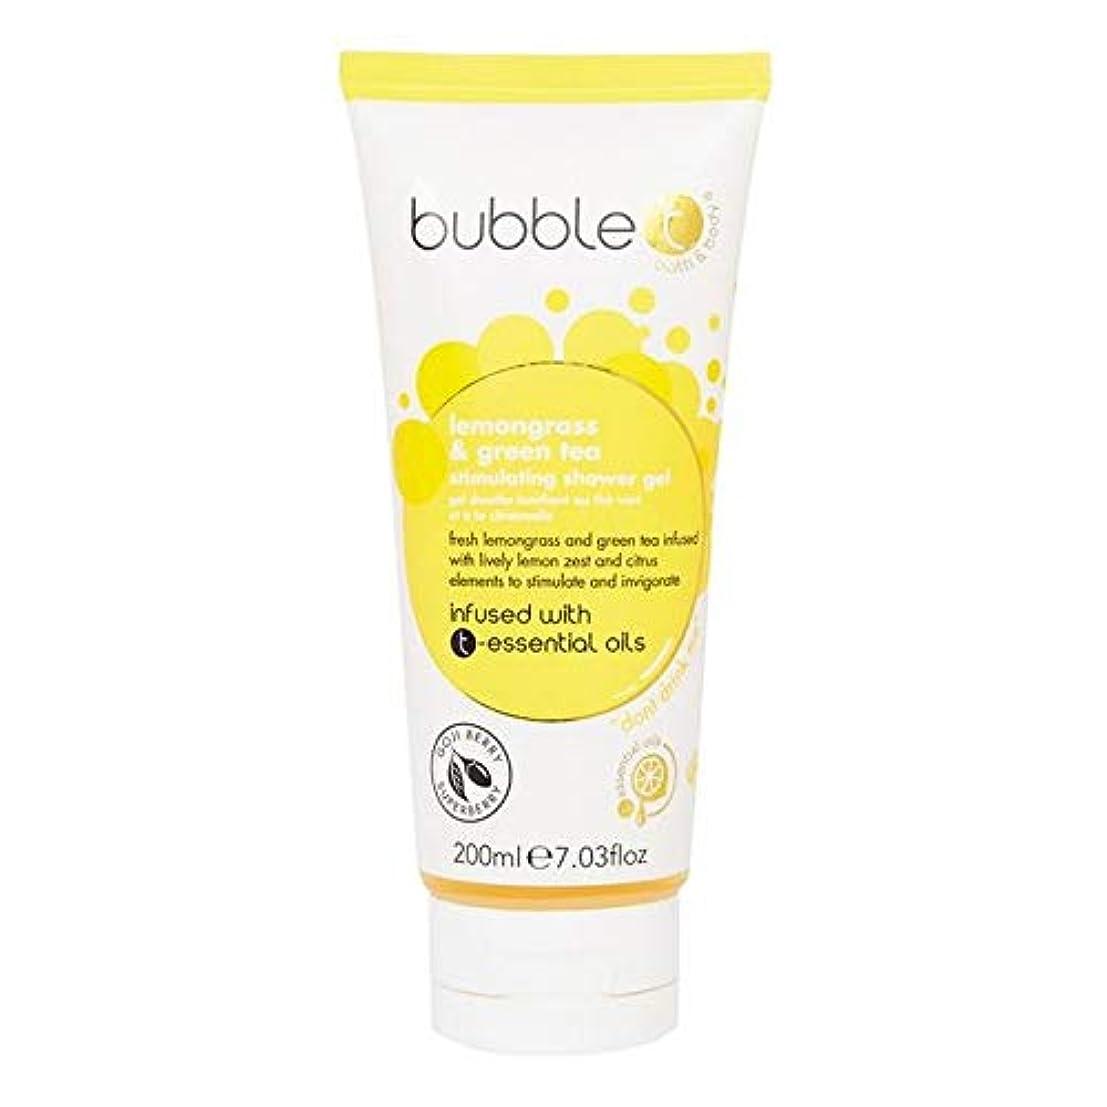 不機嫌そうな精神医学汚染された[Bubble T ] バブルトン化粧品シャワージェル、レモングラス&緑茶200ミリリットル - Bubble T Cosmetics Shower Gel, Lemongrass & Green Tea 200ml [...